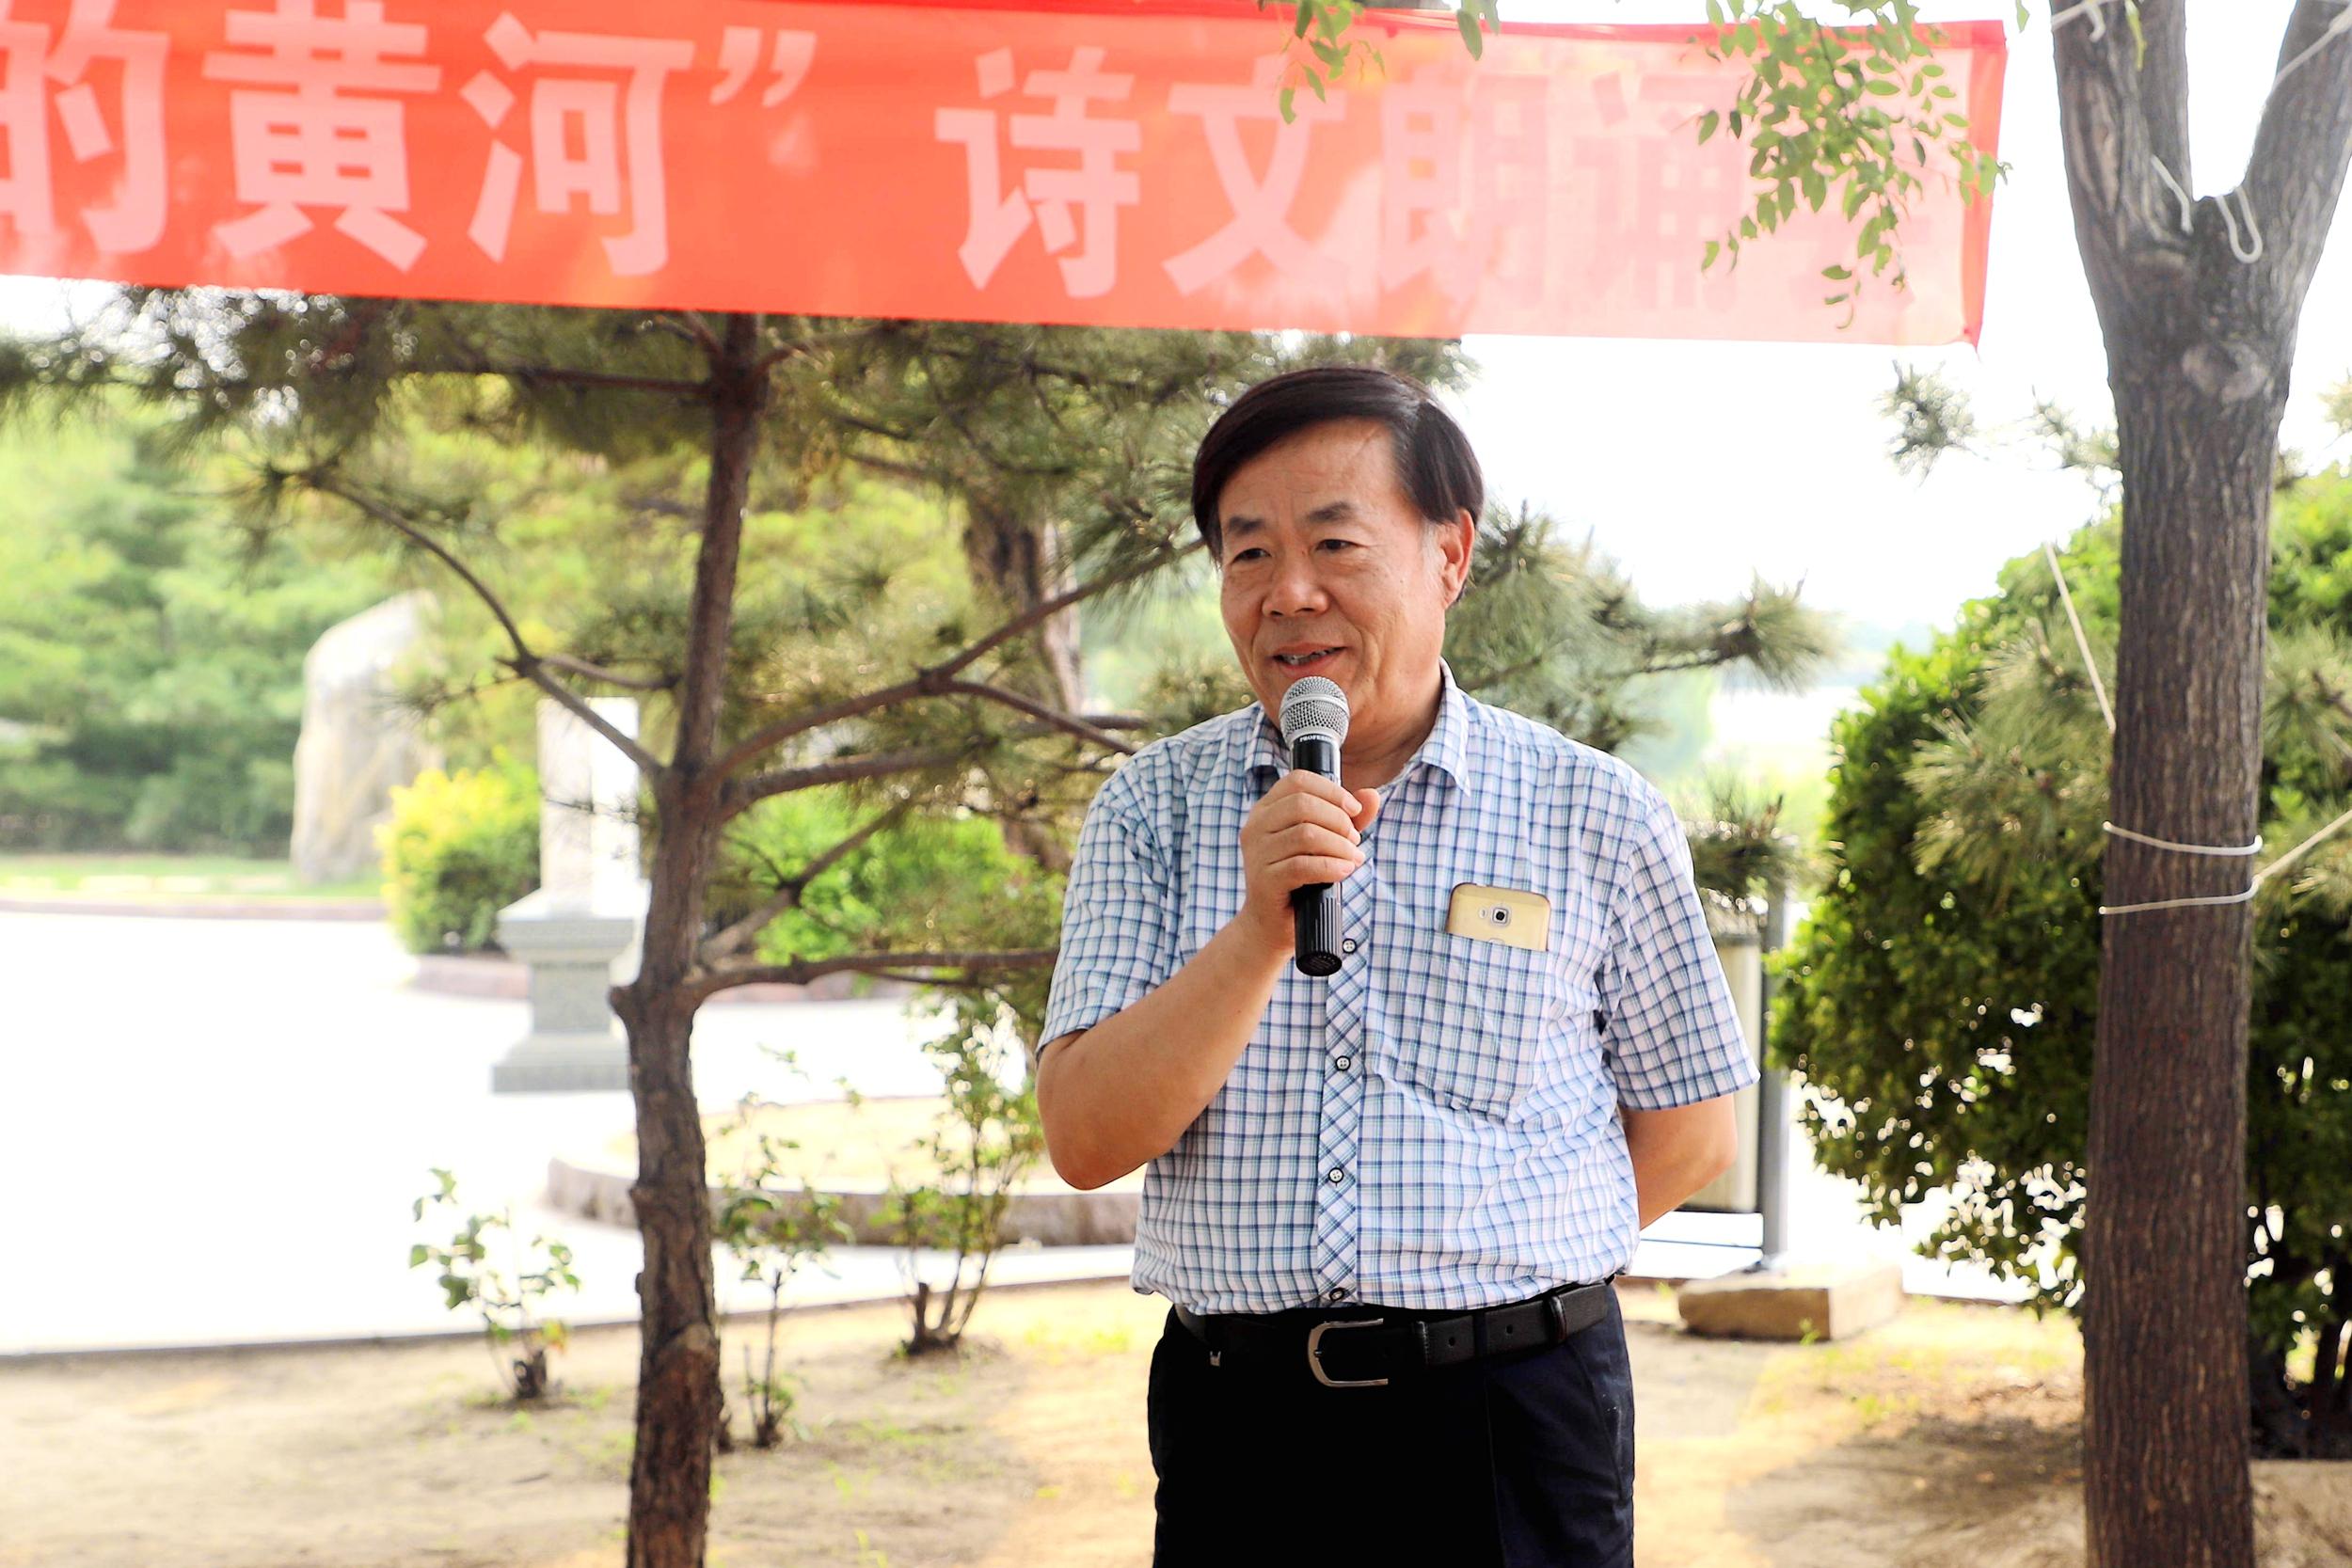 3济南黄河河务局副局长张需东讲话.JPG